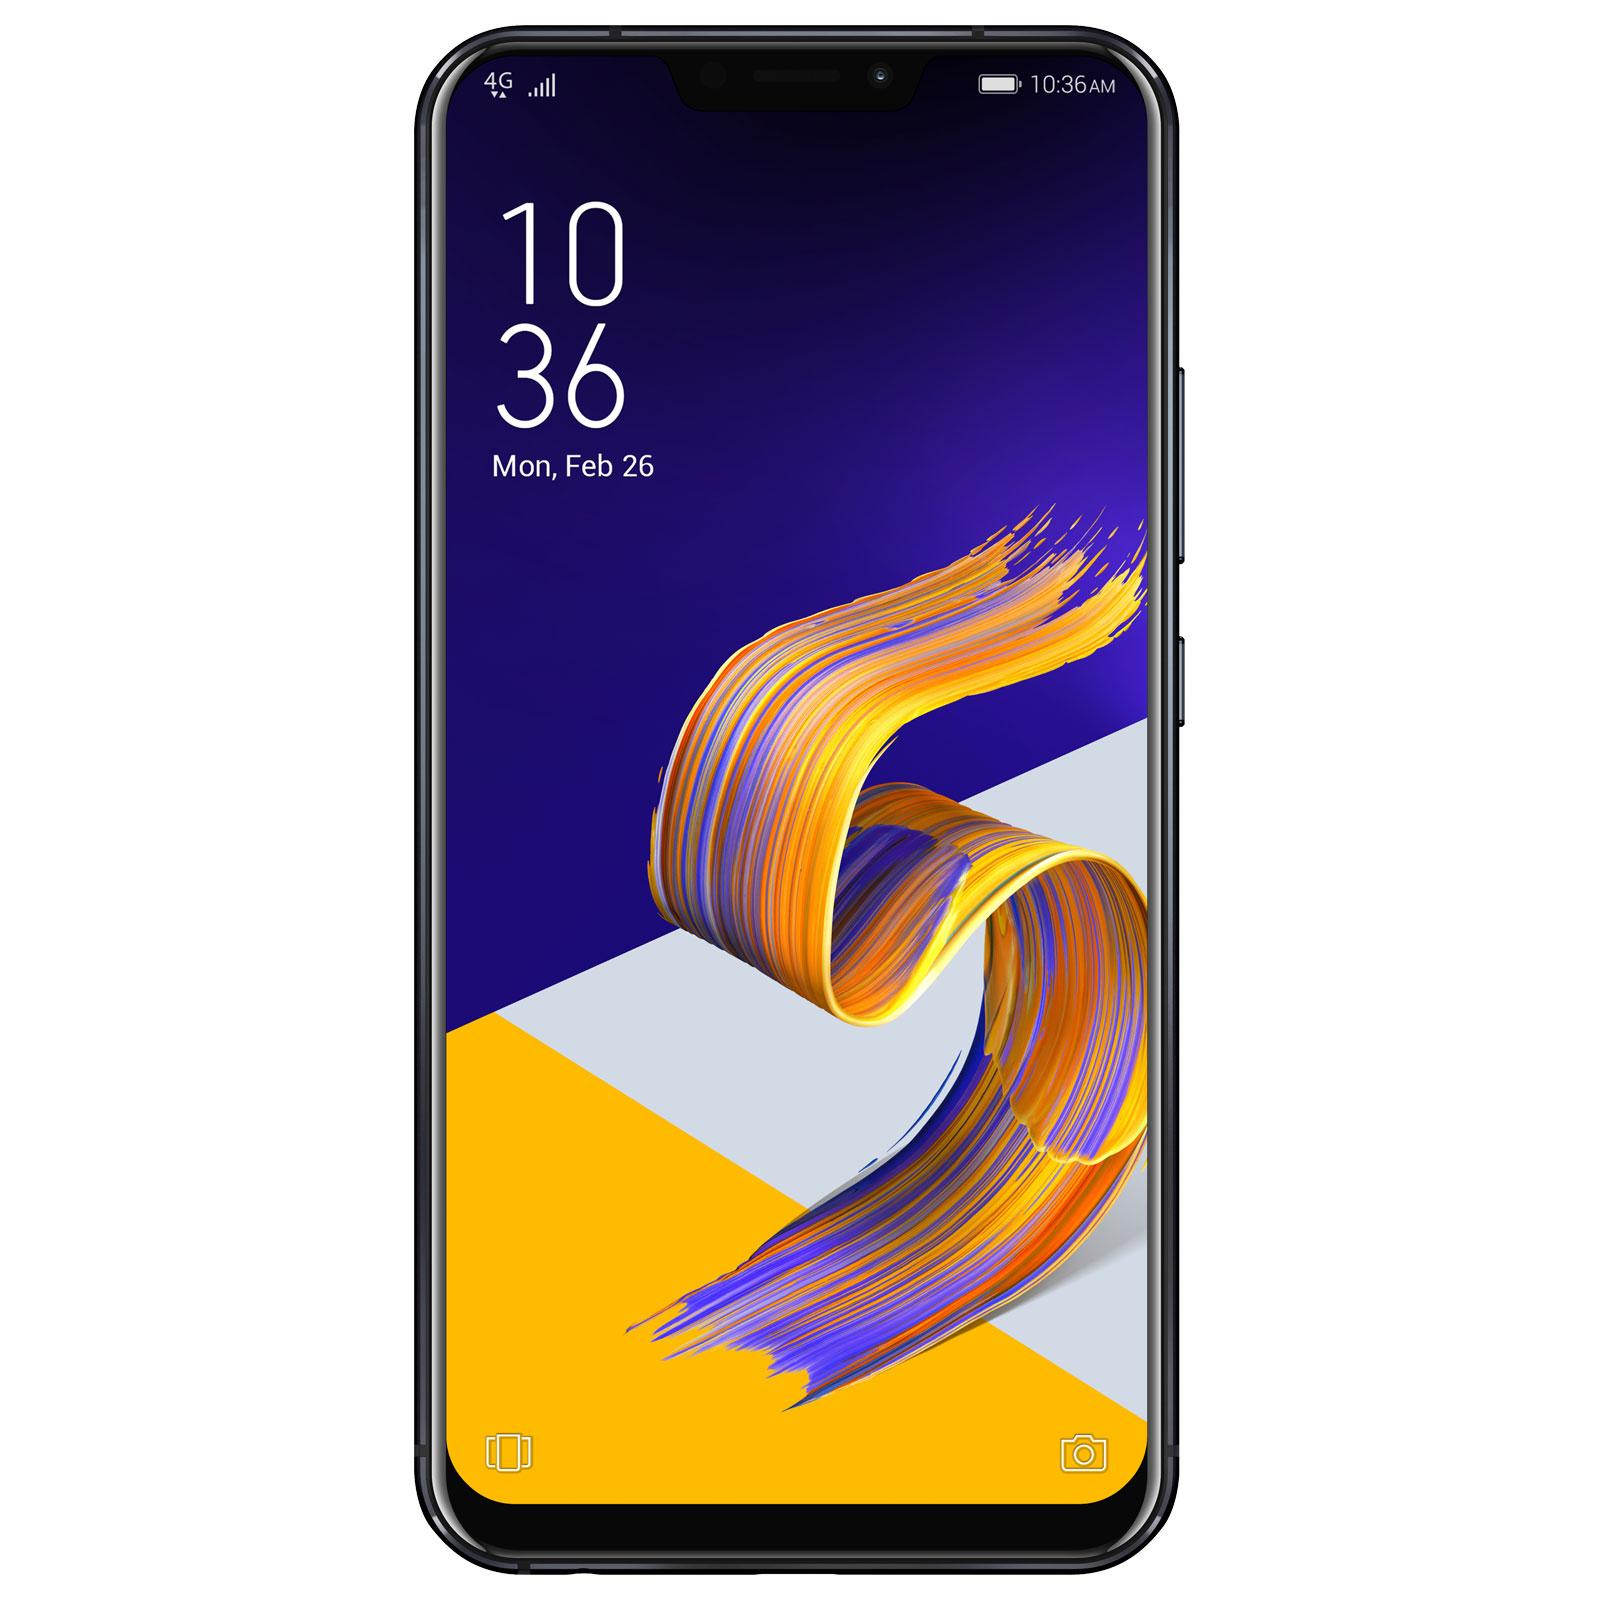 """Mobile & smartphone ASUS ZenFone 5 ZE620KL Bleu Nuit Smartphone 4G-LTE Advanced Dual SIM - Snapdragon 636 8-Core 1.8 GHz - RAM 4 Go - Ecran tactile 6.18"""" 1080 x 2246 - 64 Go - Bluetooth 5.0 - 3300 mAh - Android 8.0"""